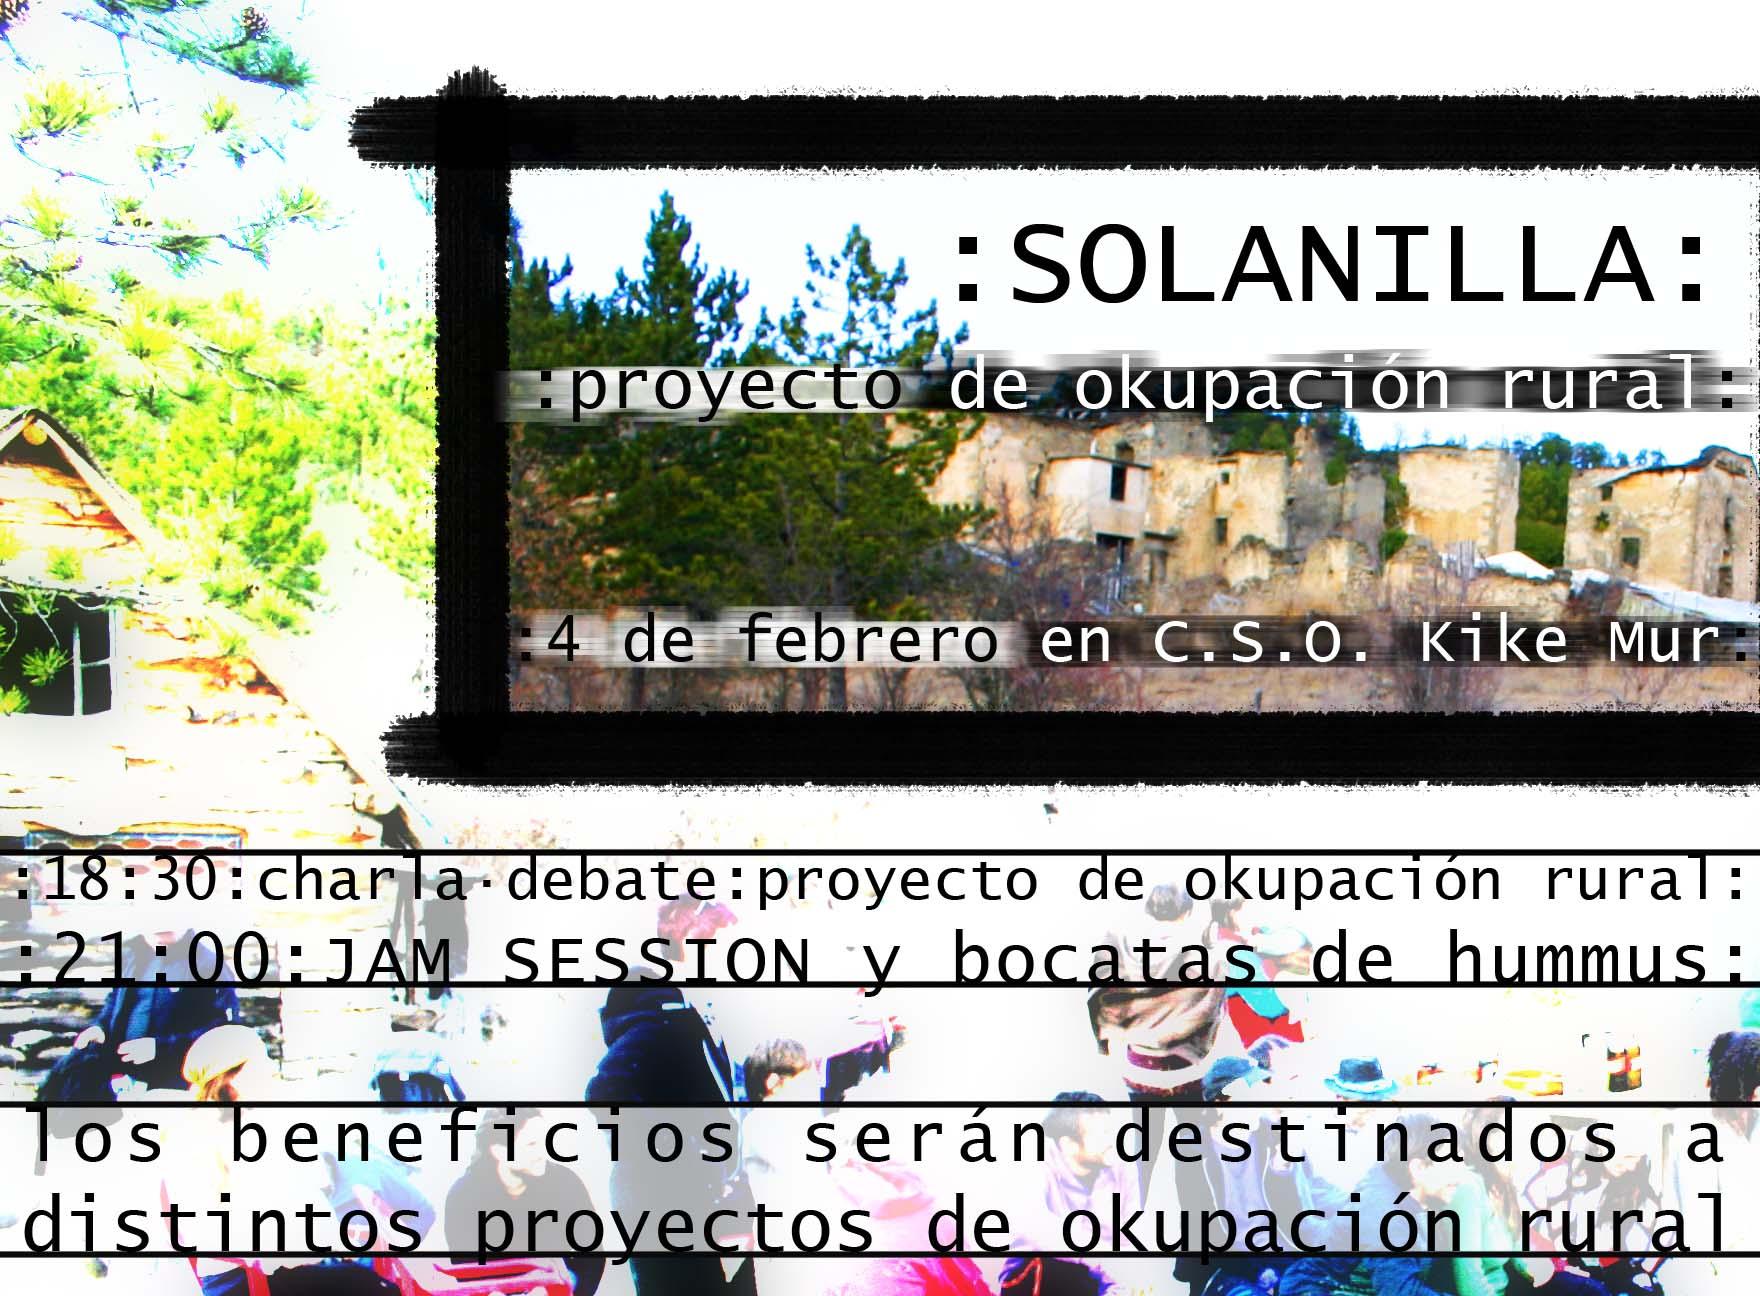 «Solanilla: proyecto de okupación rural».